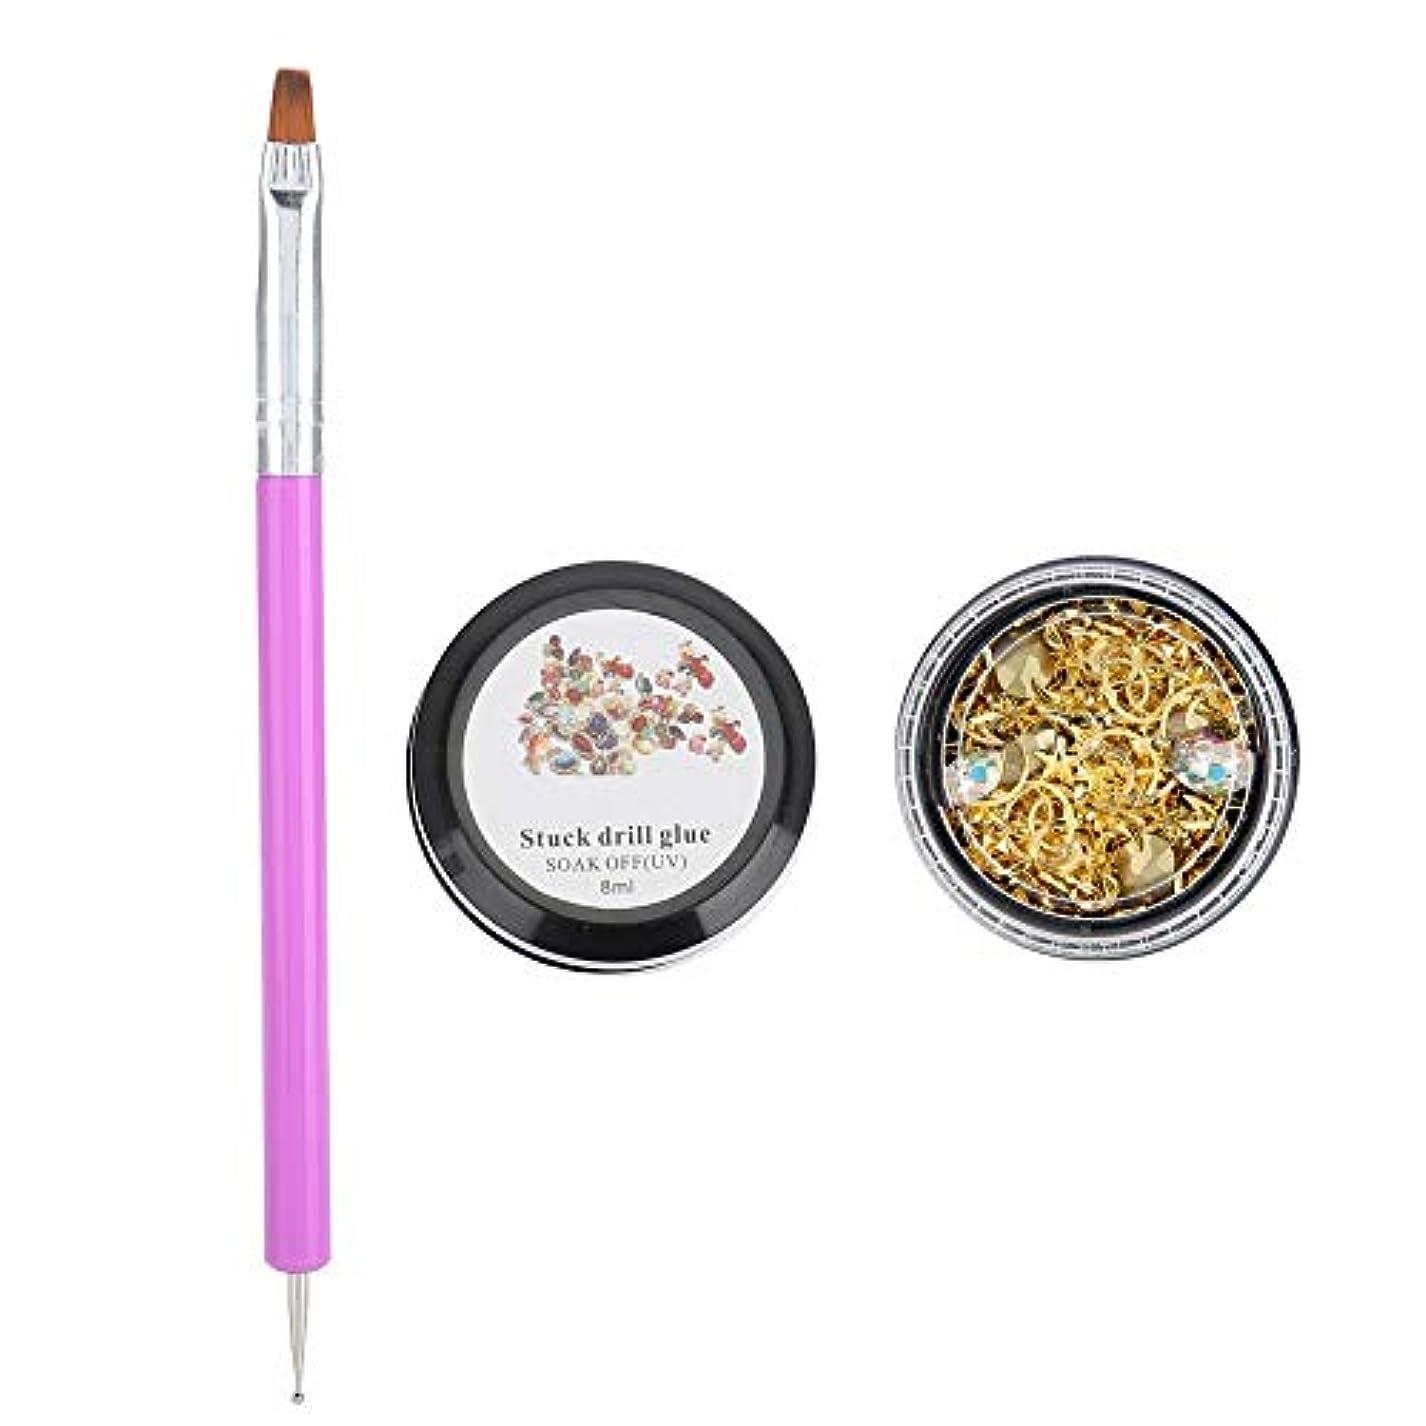 コントラストフレームワークアロング美しい ネイルアート 装飾リベットラインストーンスタッド ネイルアートペン 3種類 多目的 接着剤 マニキュアツール(01)